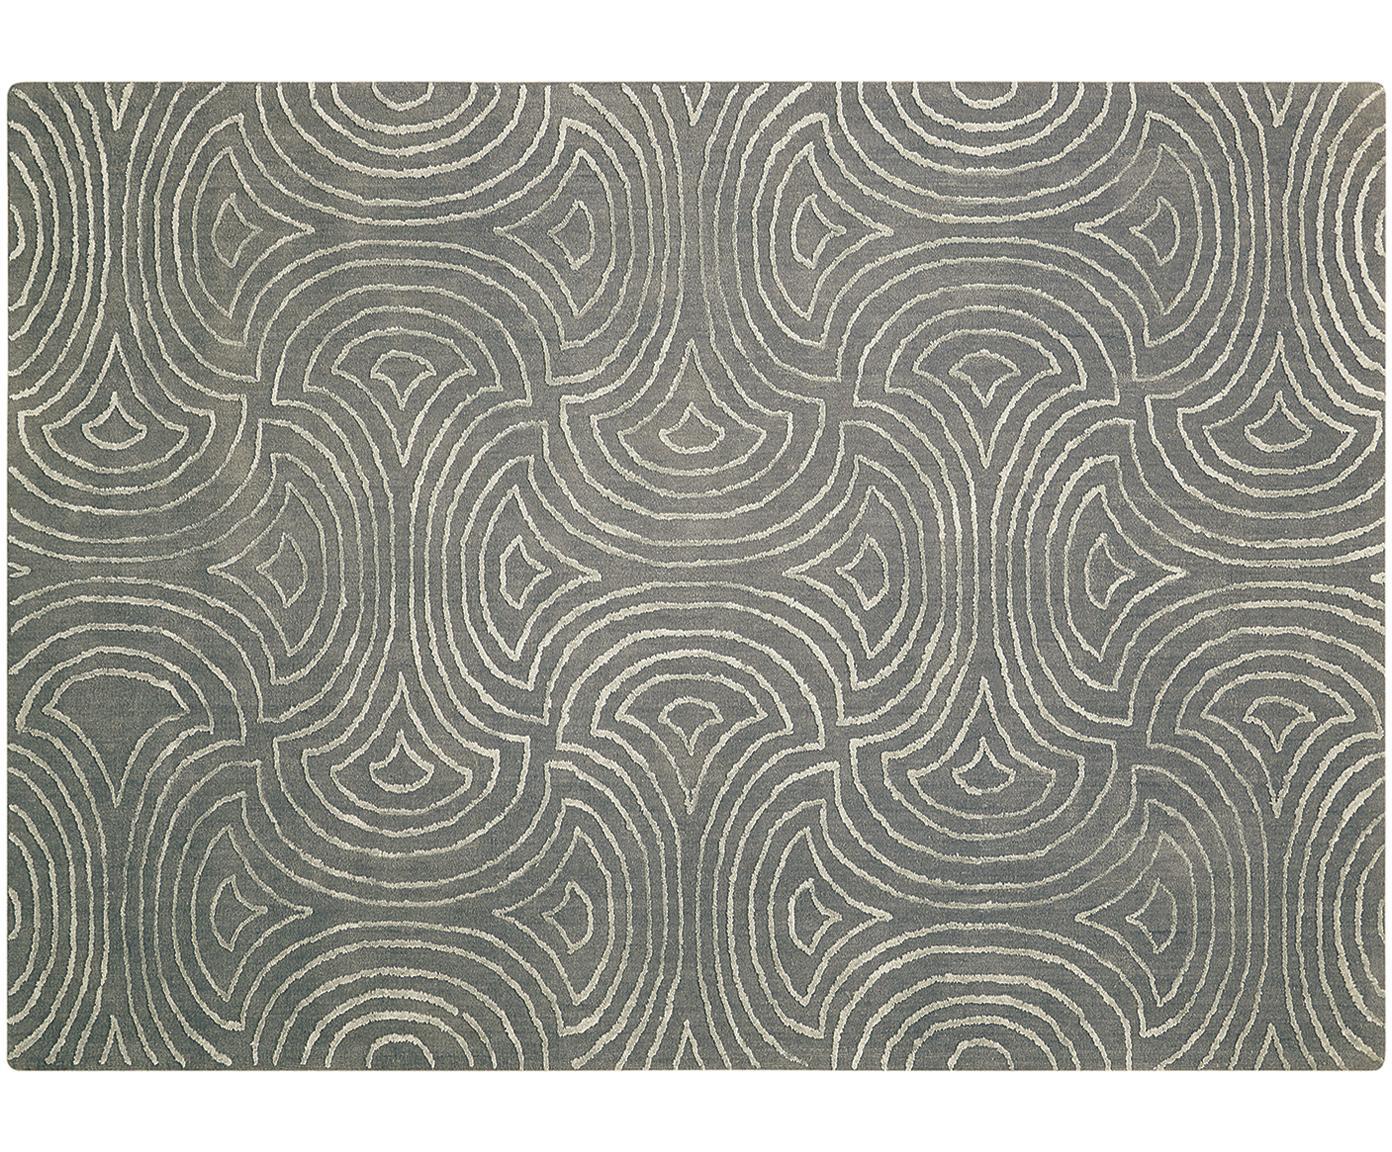 Handgetuft vloerkleed Vita Illusion, Bovenzijde: 90%polyester, 10% viscos, Onderzijde: katoen, latex-gecoat, Mosgroen, B 150 x L 215 cm (maat M)